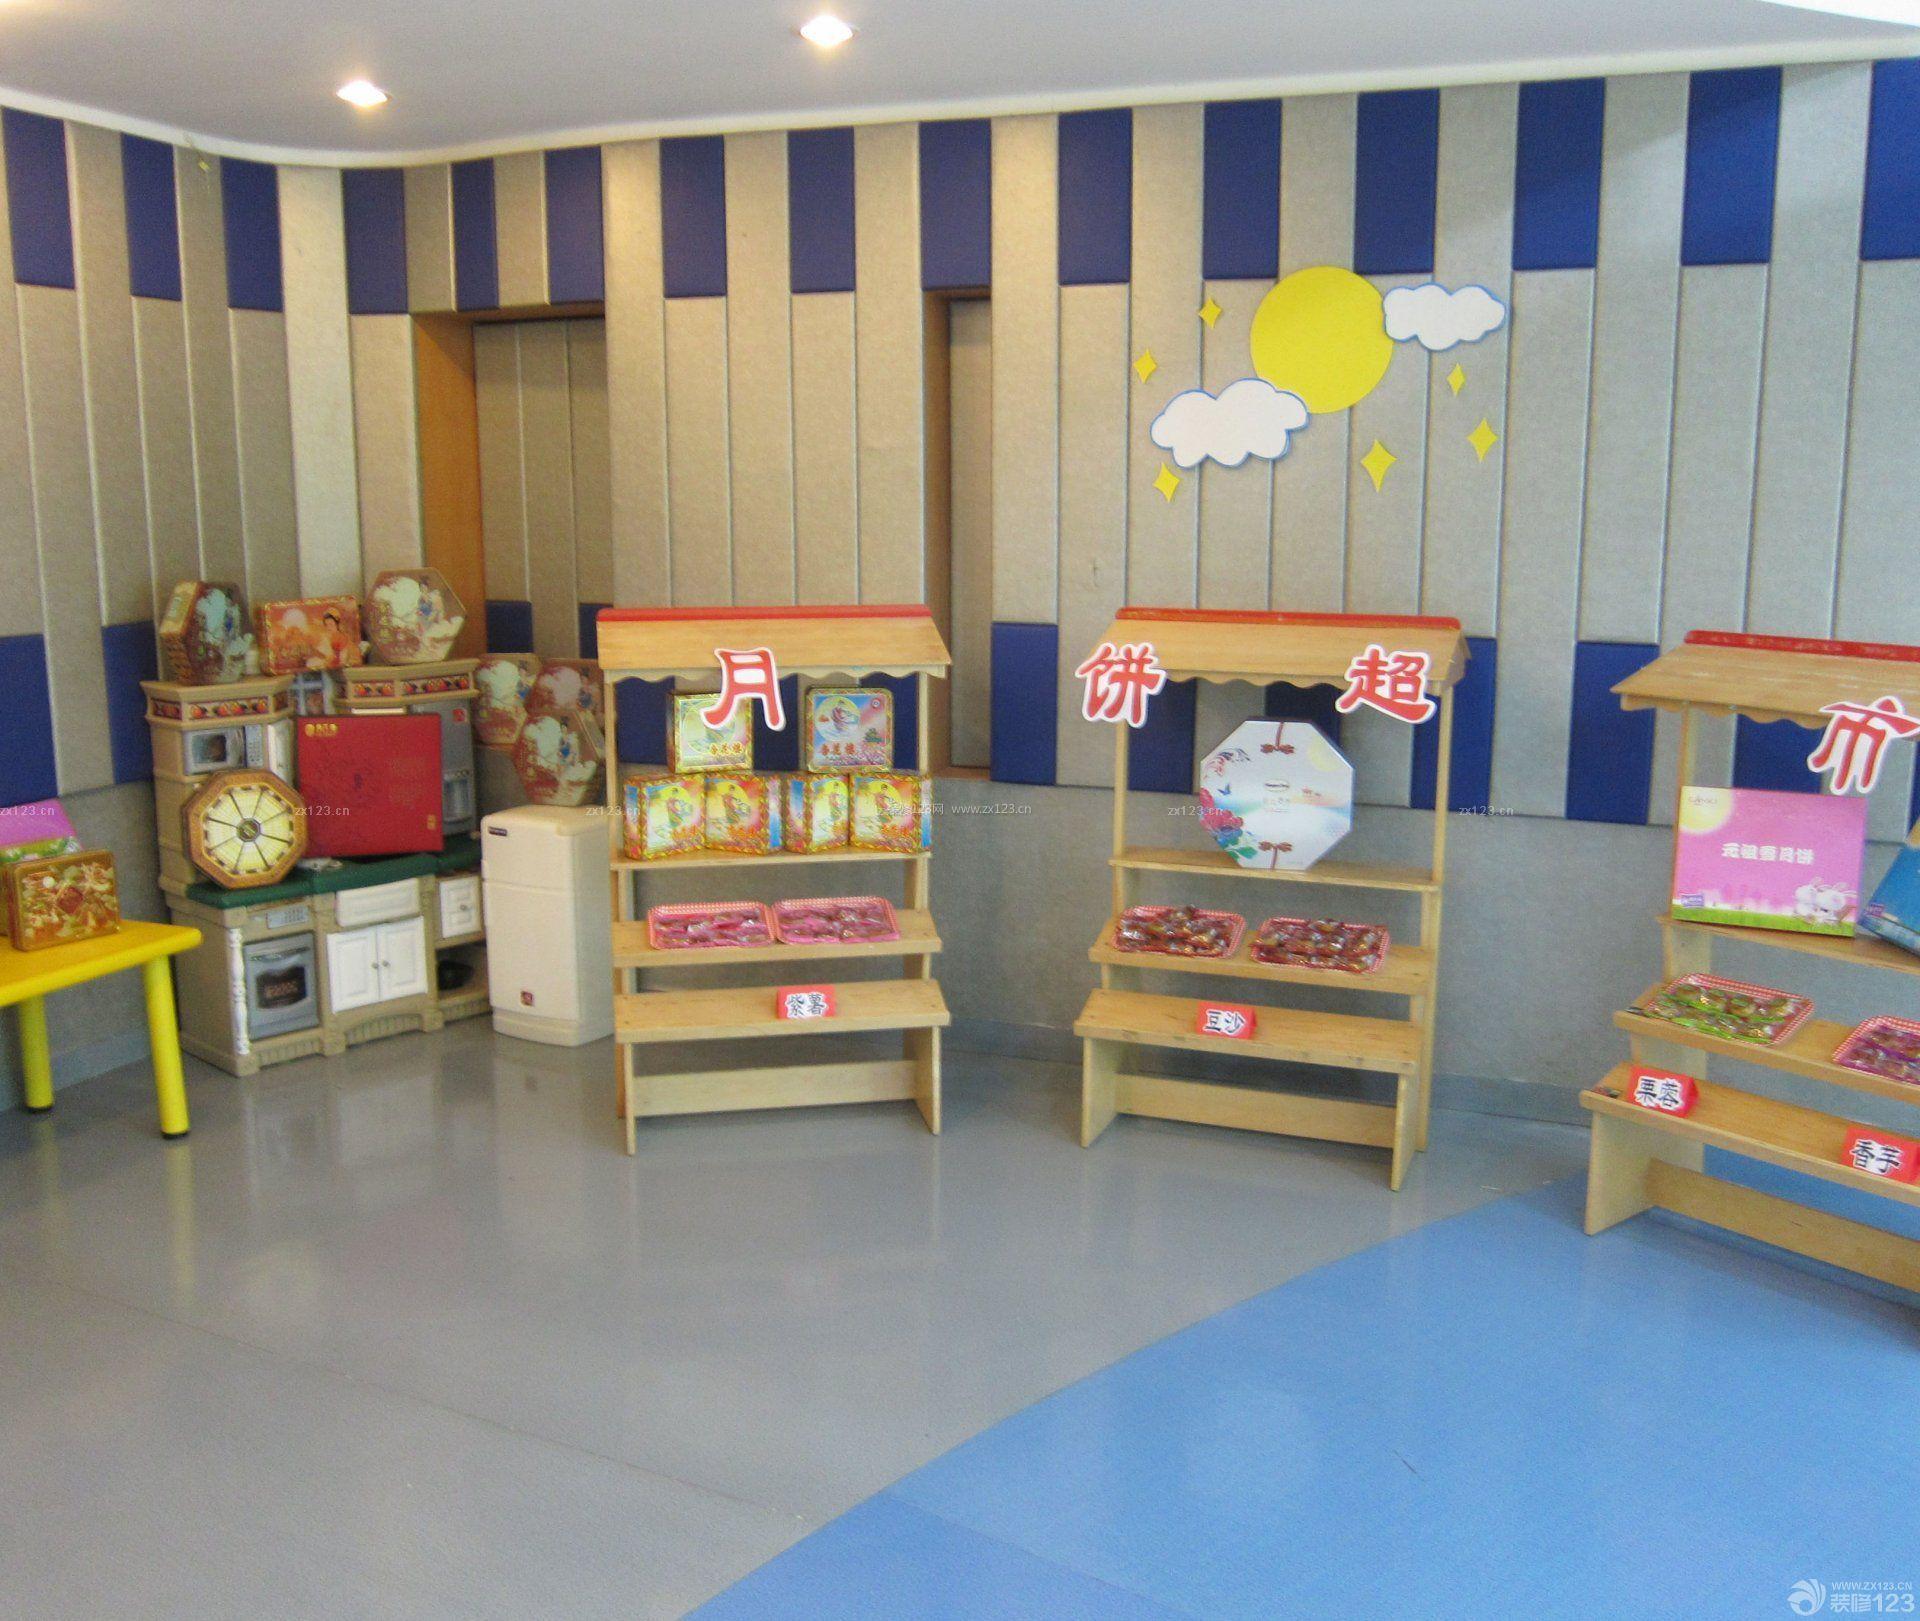 小型简单幼儿园室内设计装修图片_装修123效果图